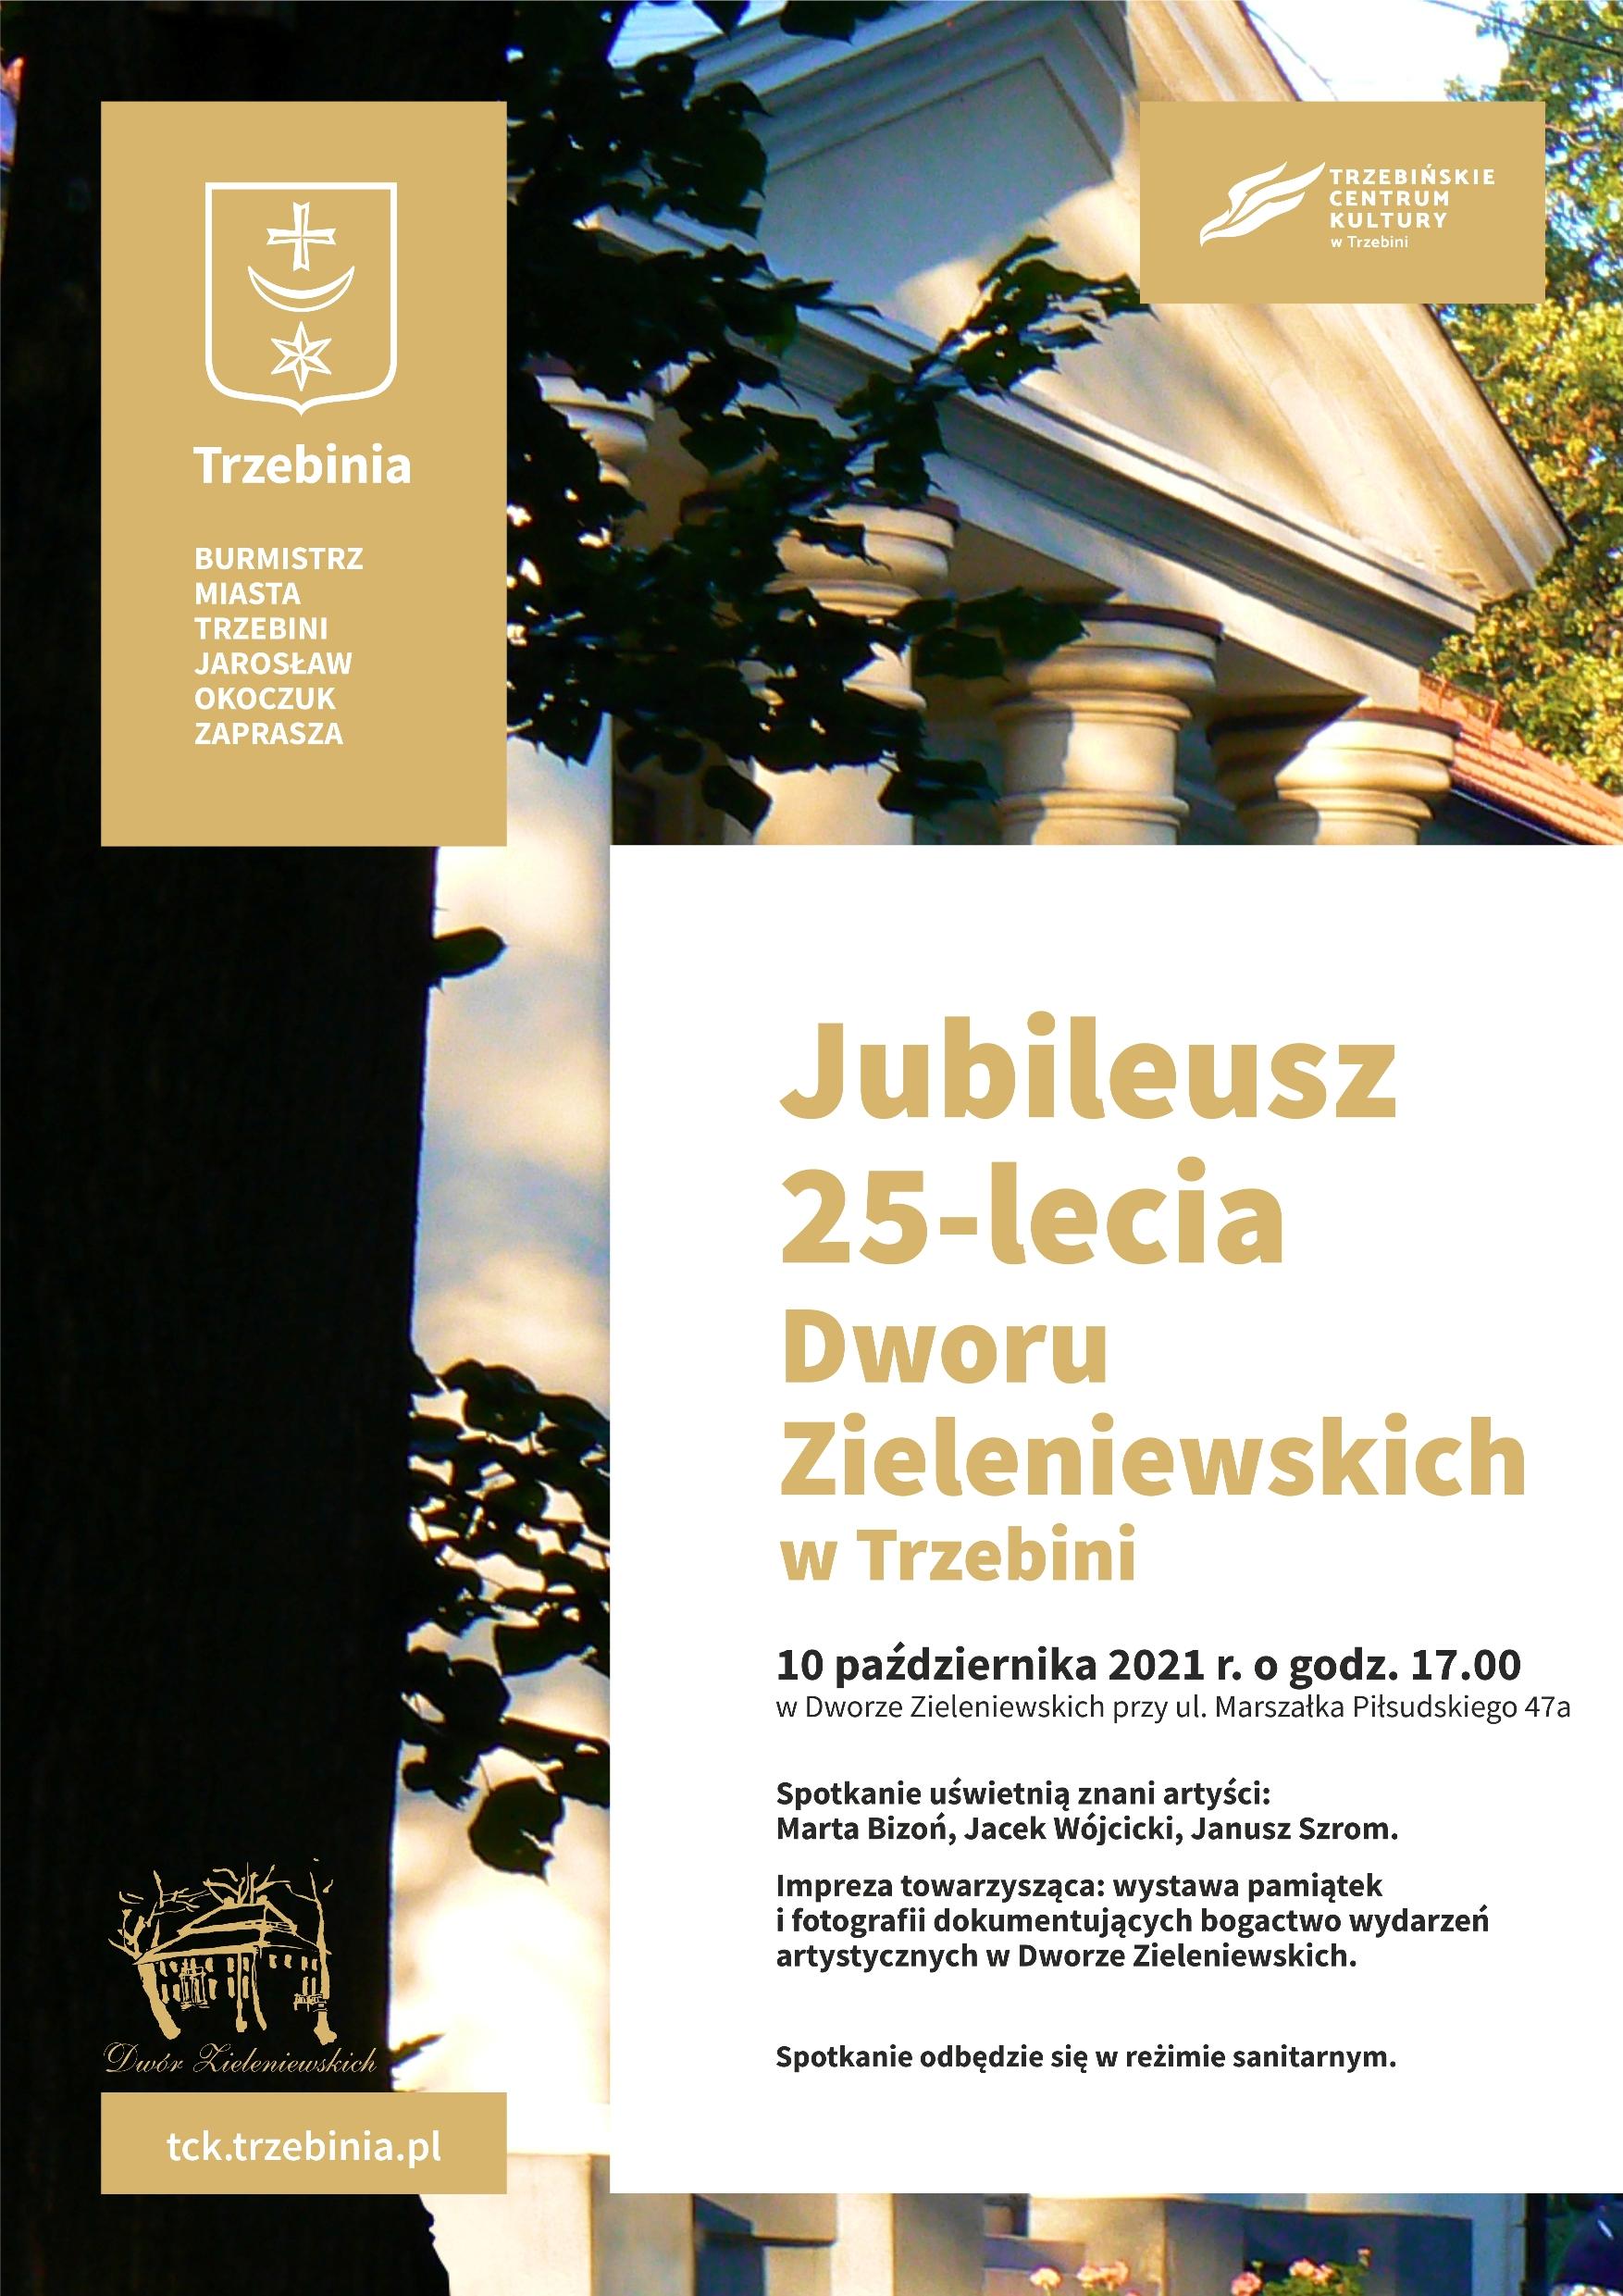 Jubileusz 25-lecia Dworu Zieleniewskich